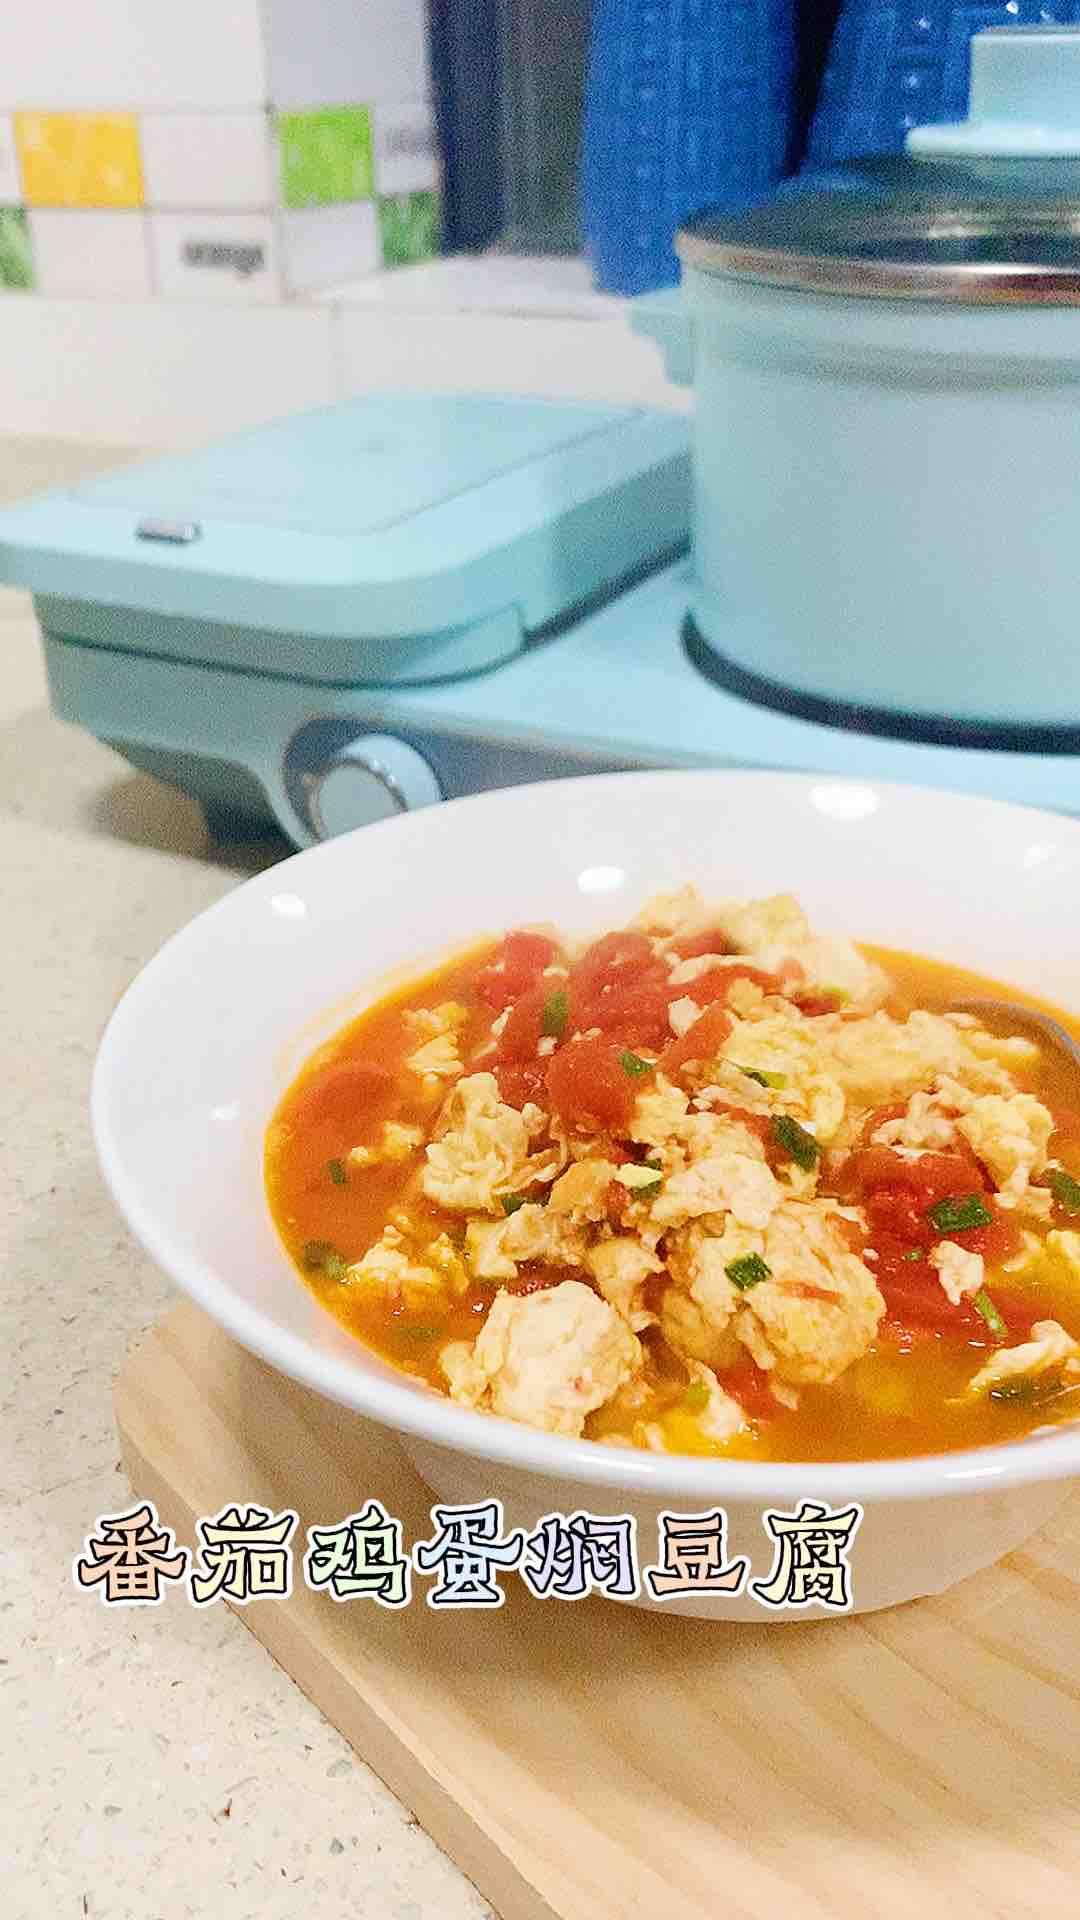 番茄鸡蛋烩豆腐。